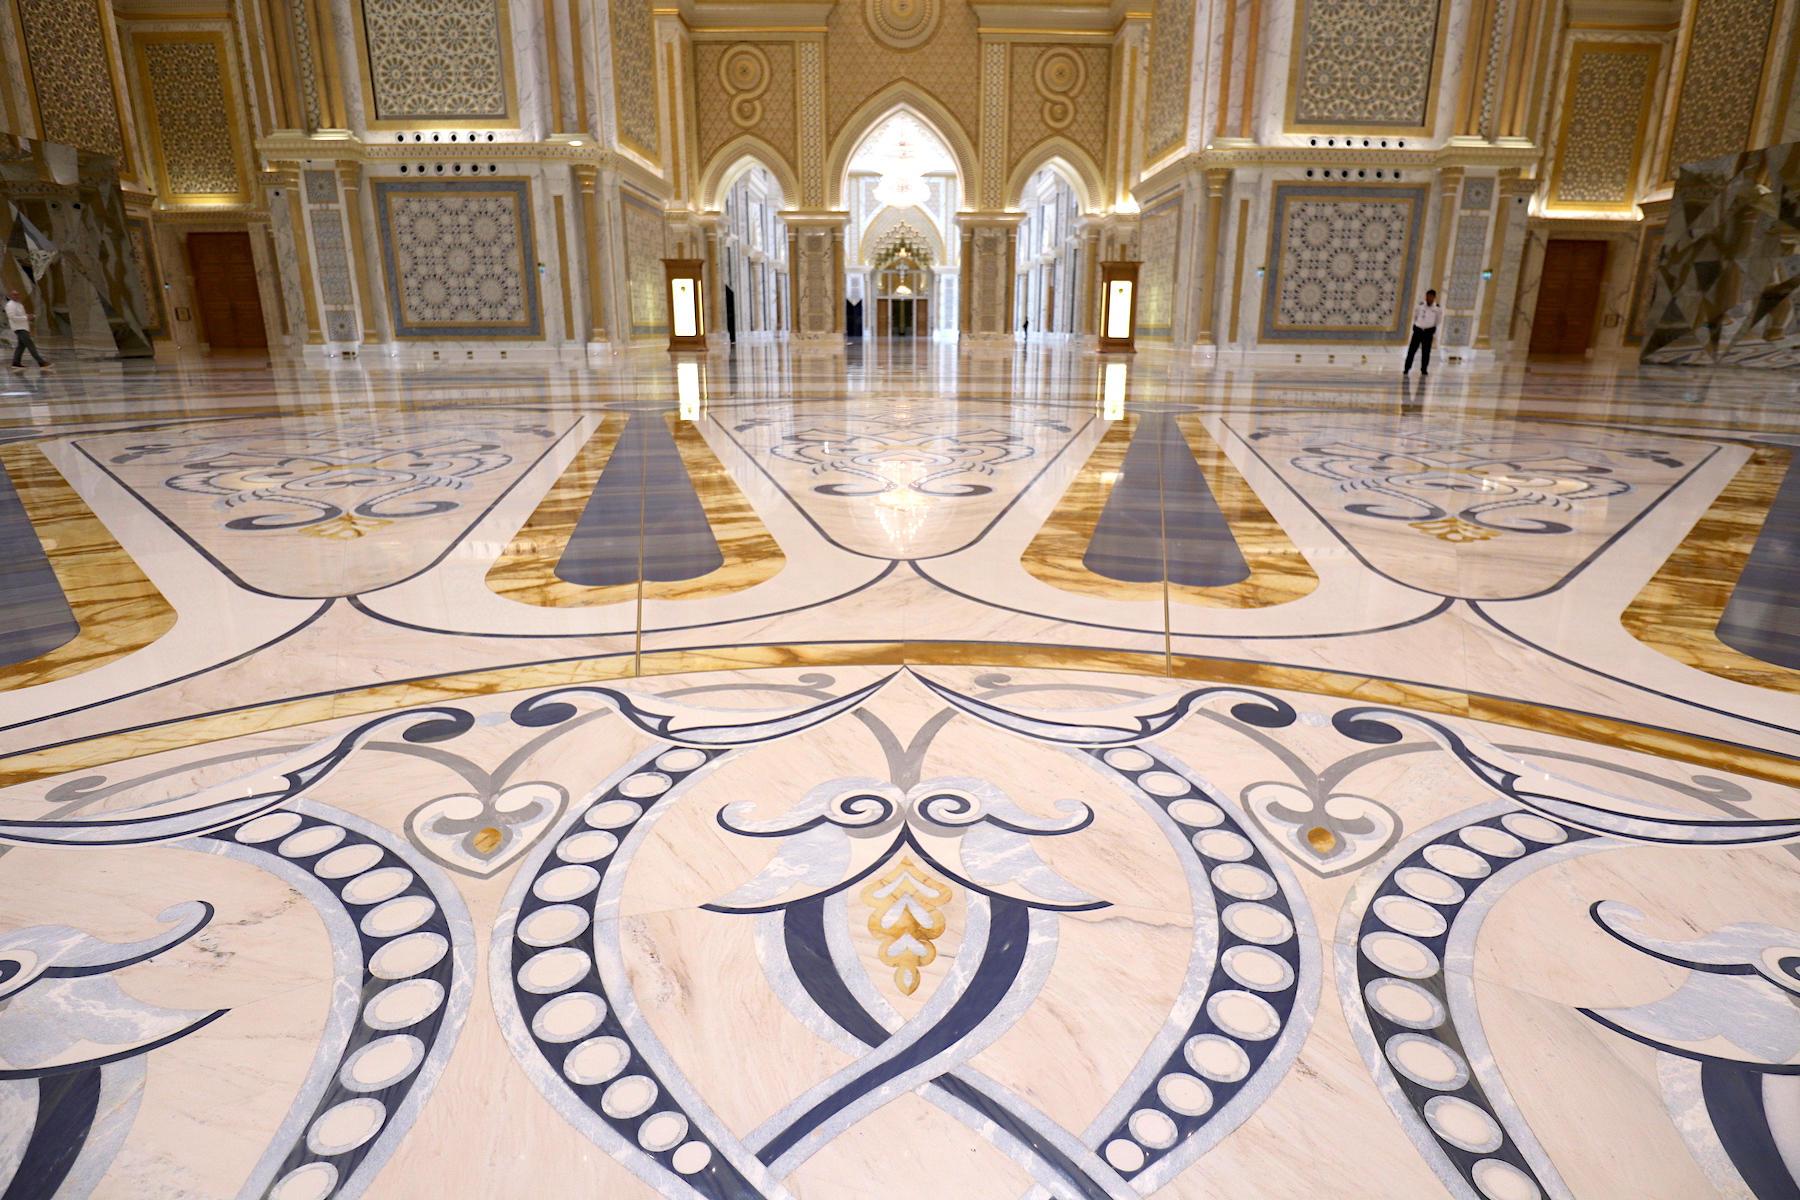 Qasr Al Watan. Die Große Halle ist das Herzstück des Palastes mit einer gewaltigen Kuppel.